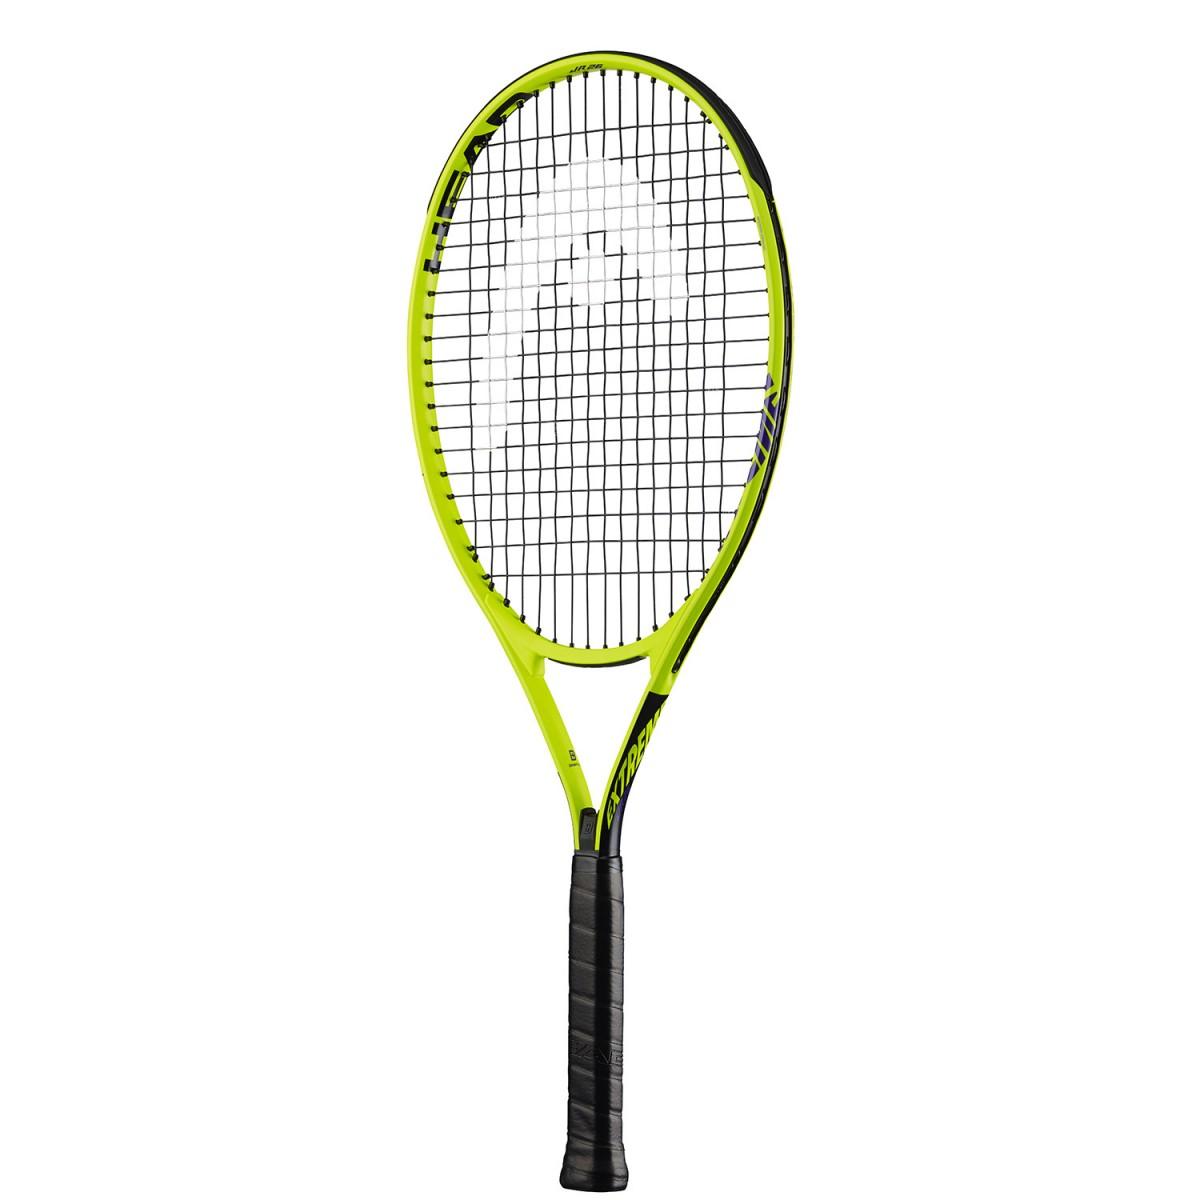 Теннисная ракетка детская Head Extreme Jr. (26